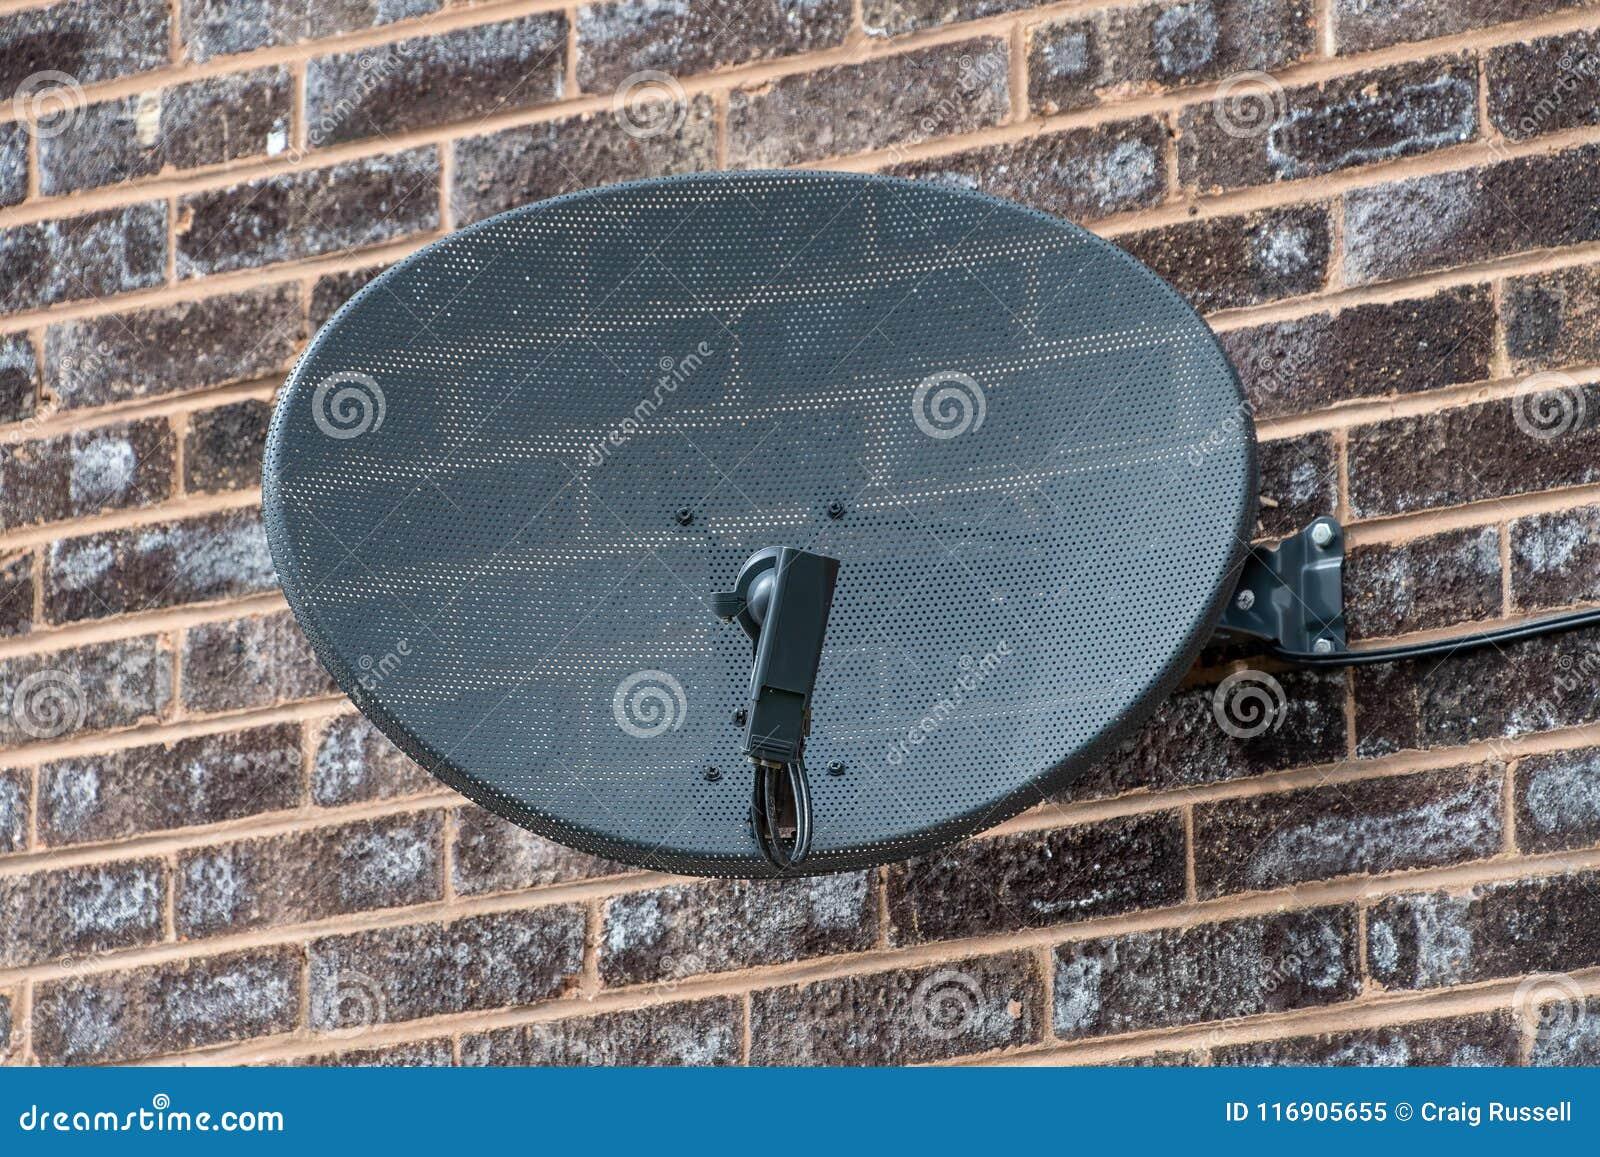 Antena parabólica da tevê em uma parede de tijolo